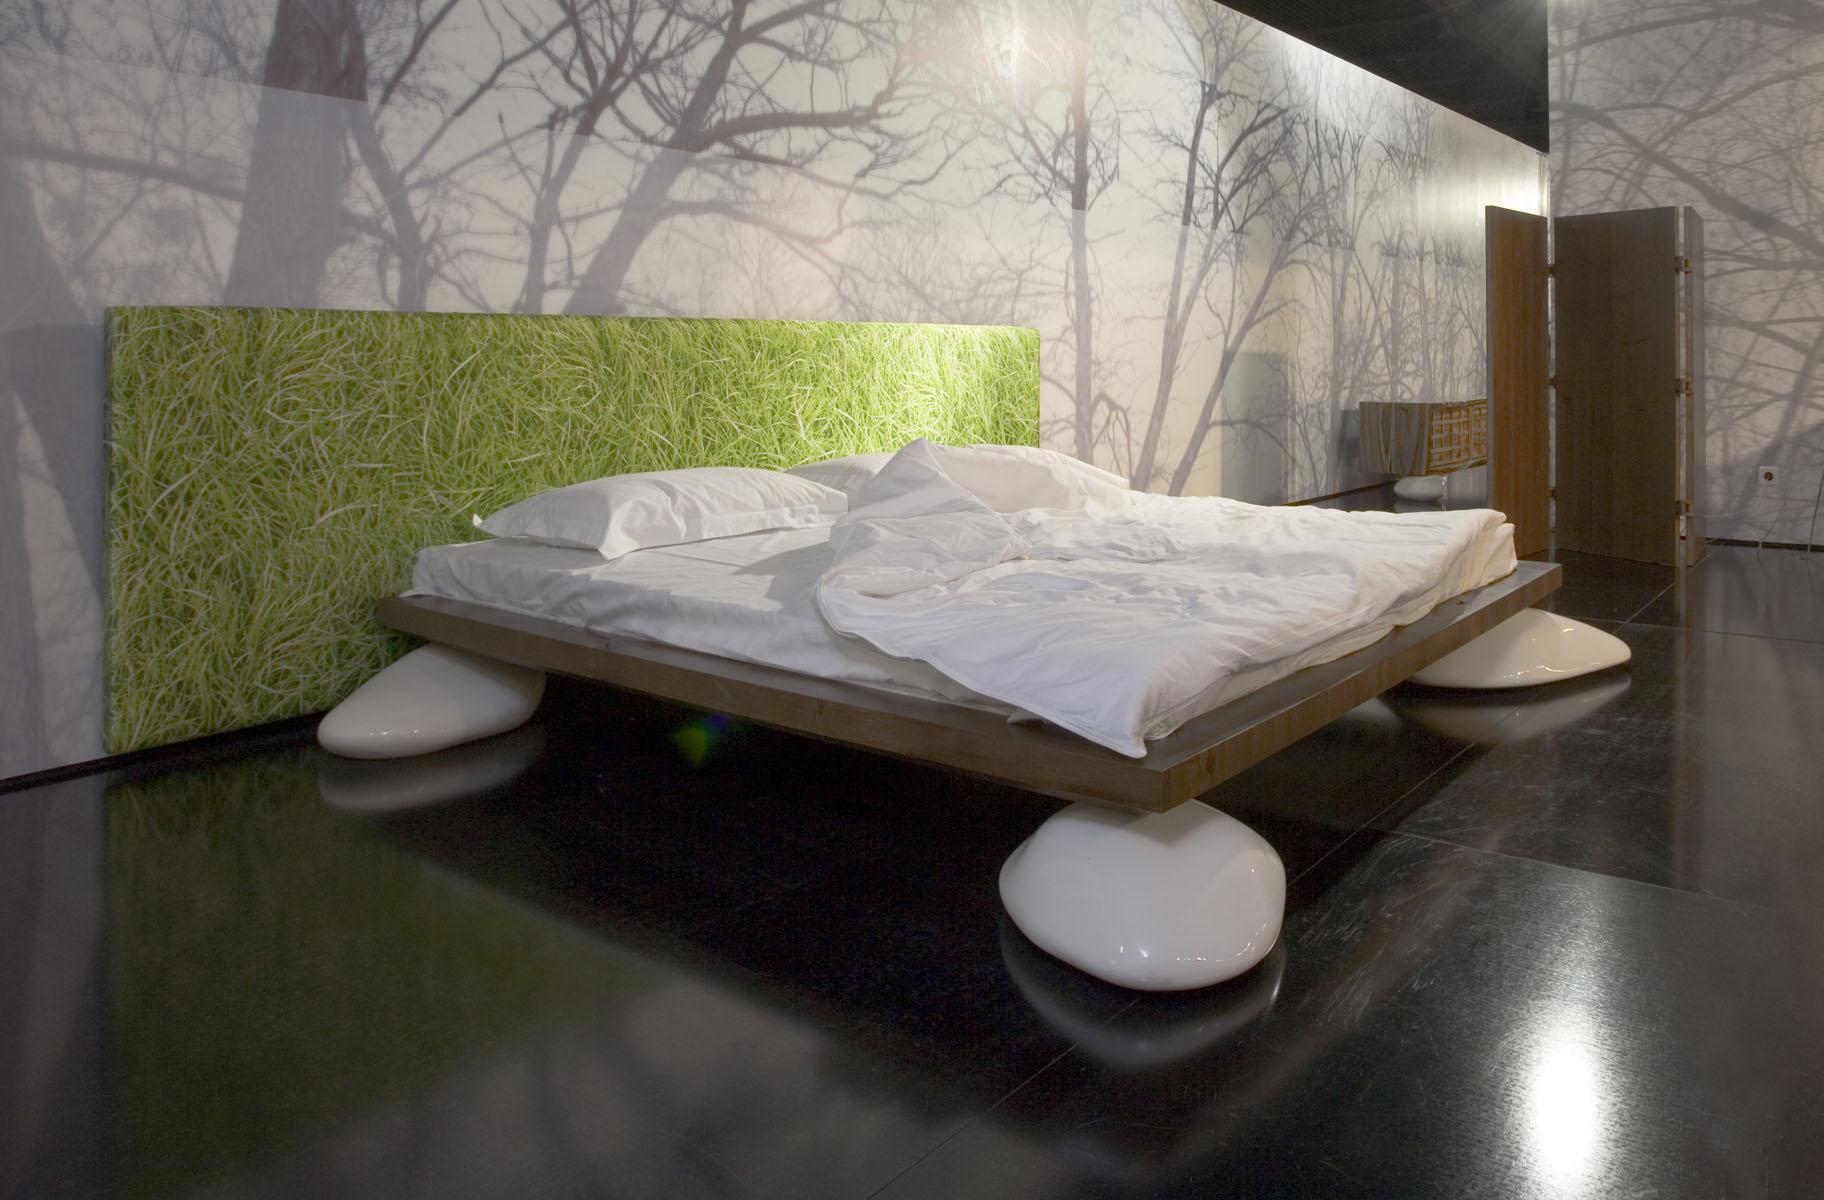 кровать на камнях Se Nux